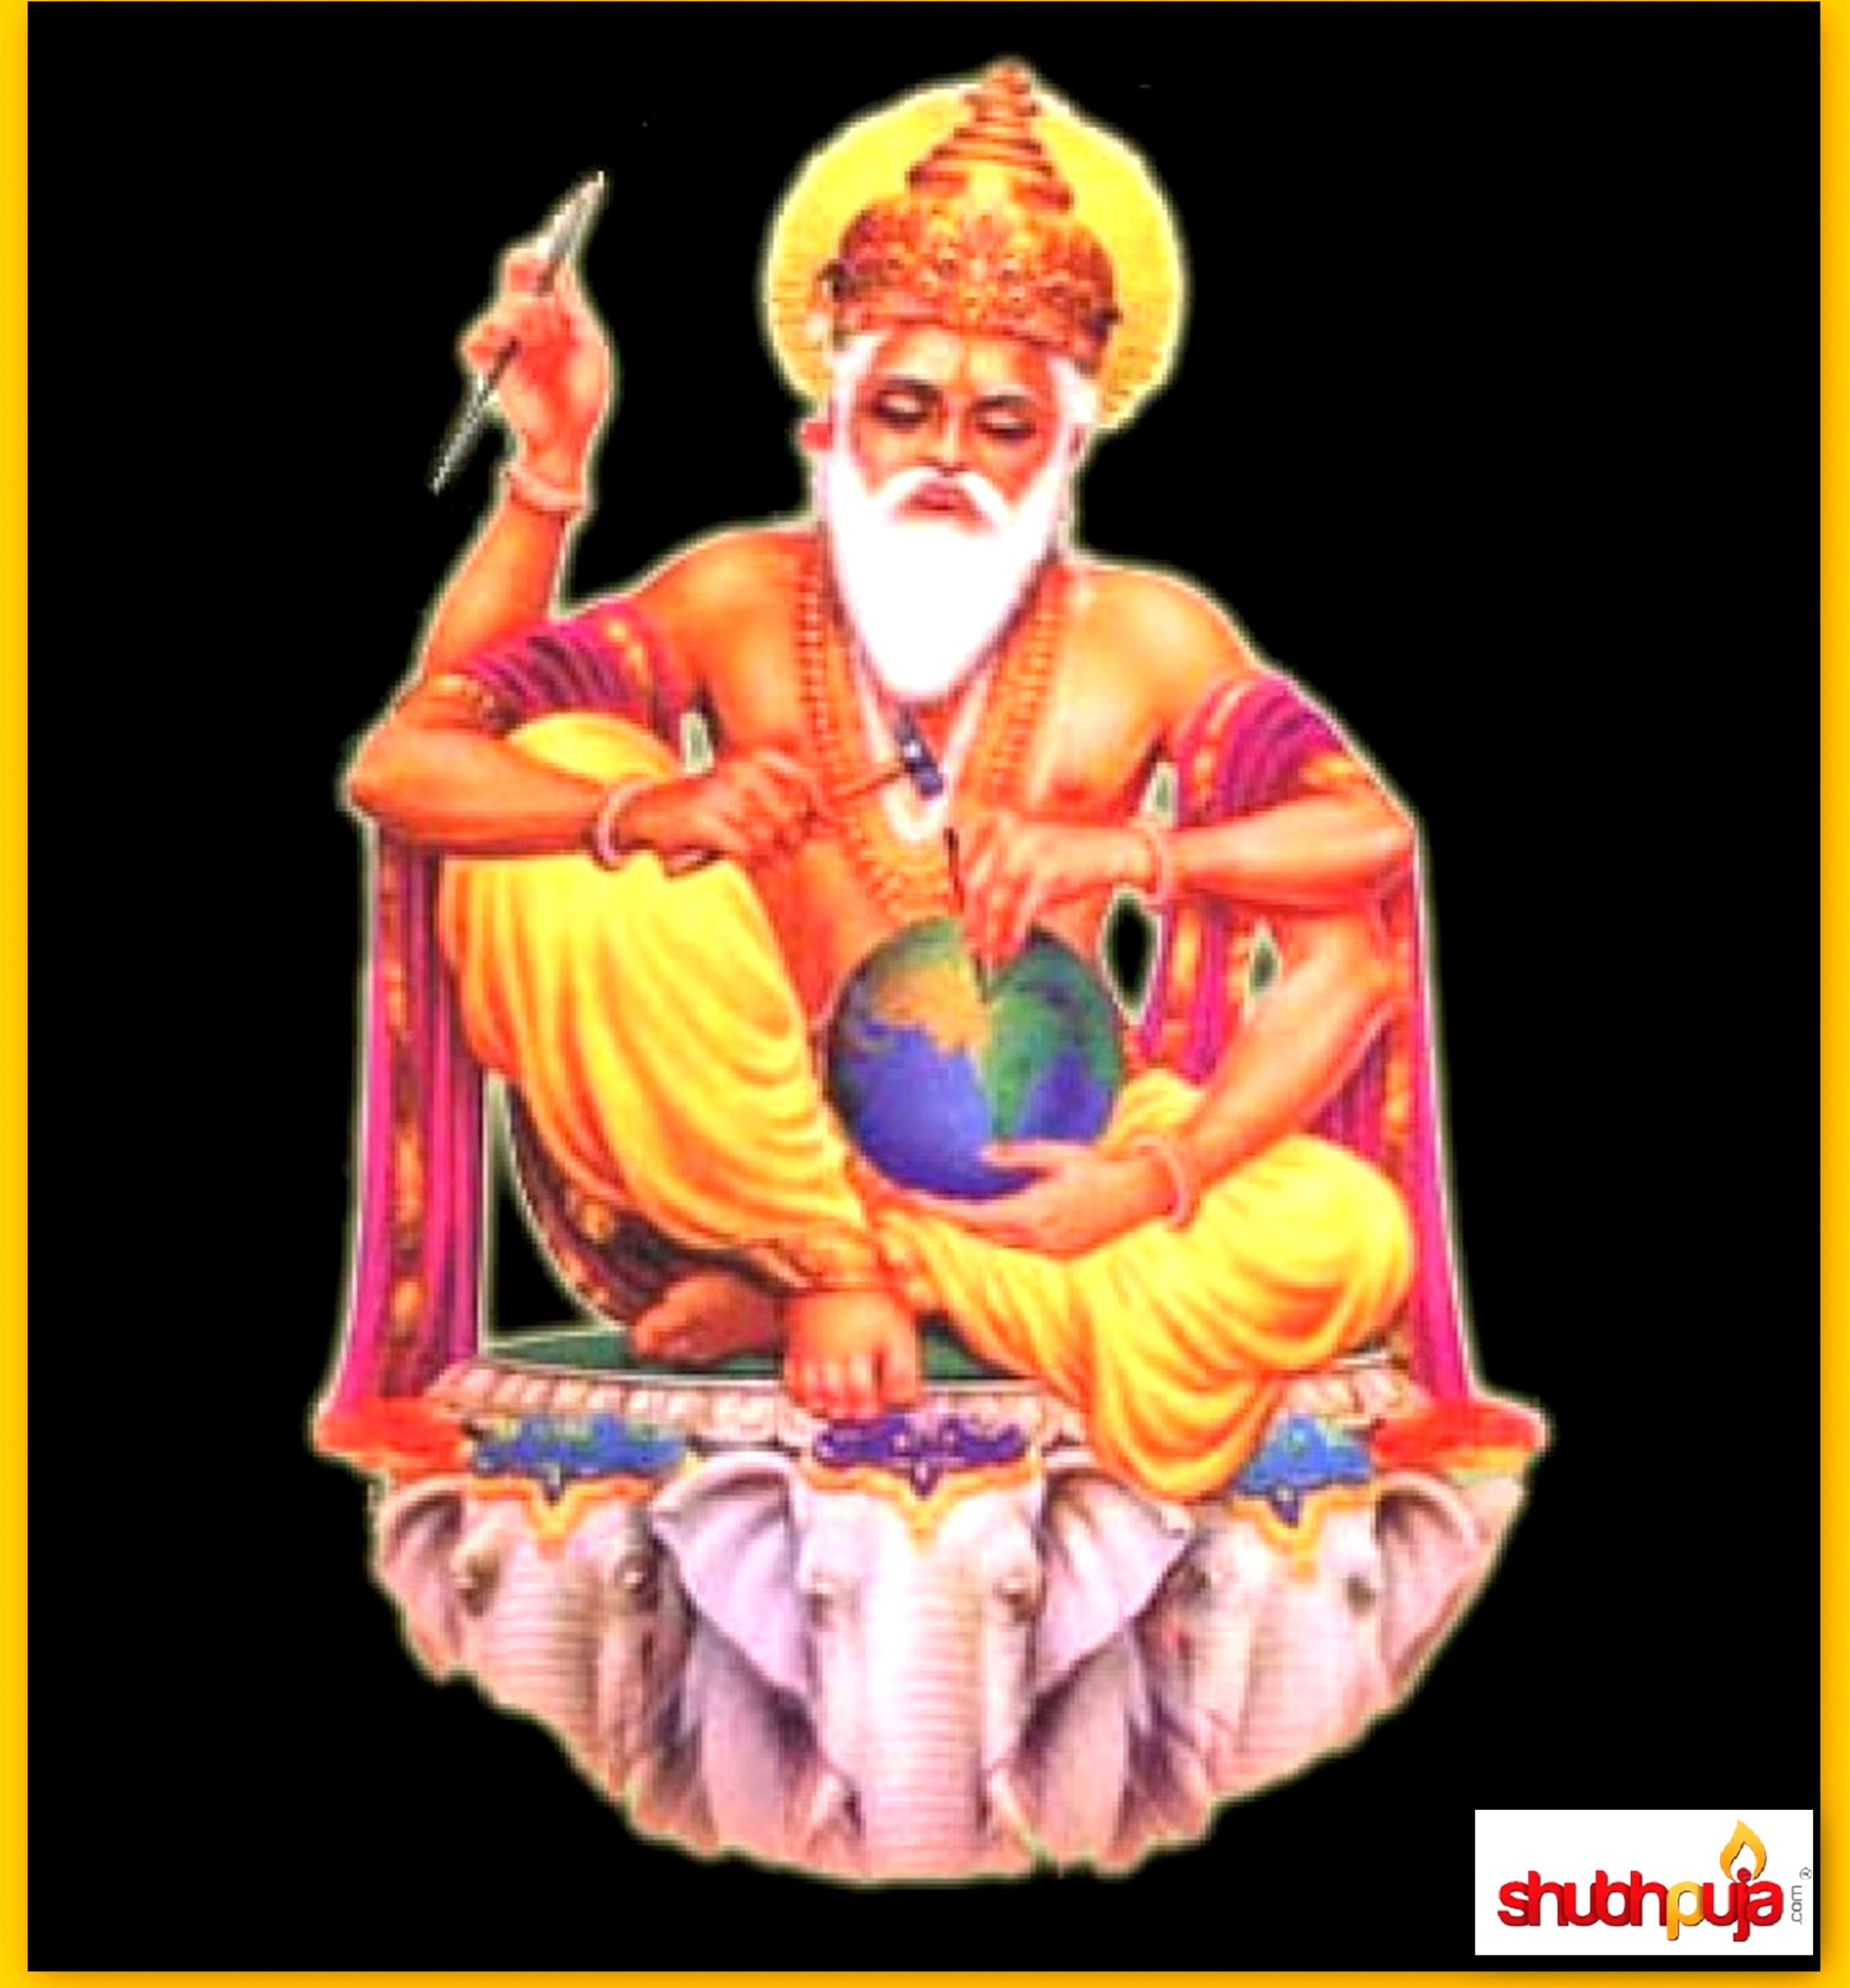 Gokul Shubhpujacom